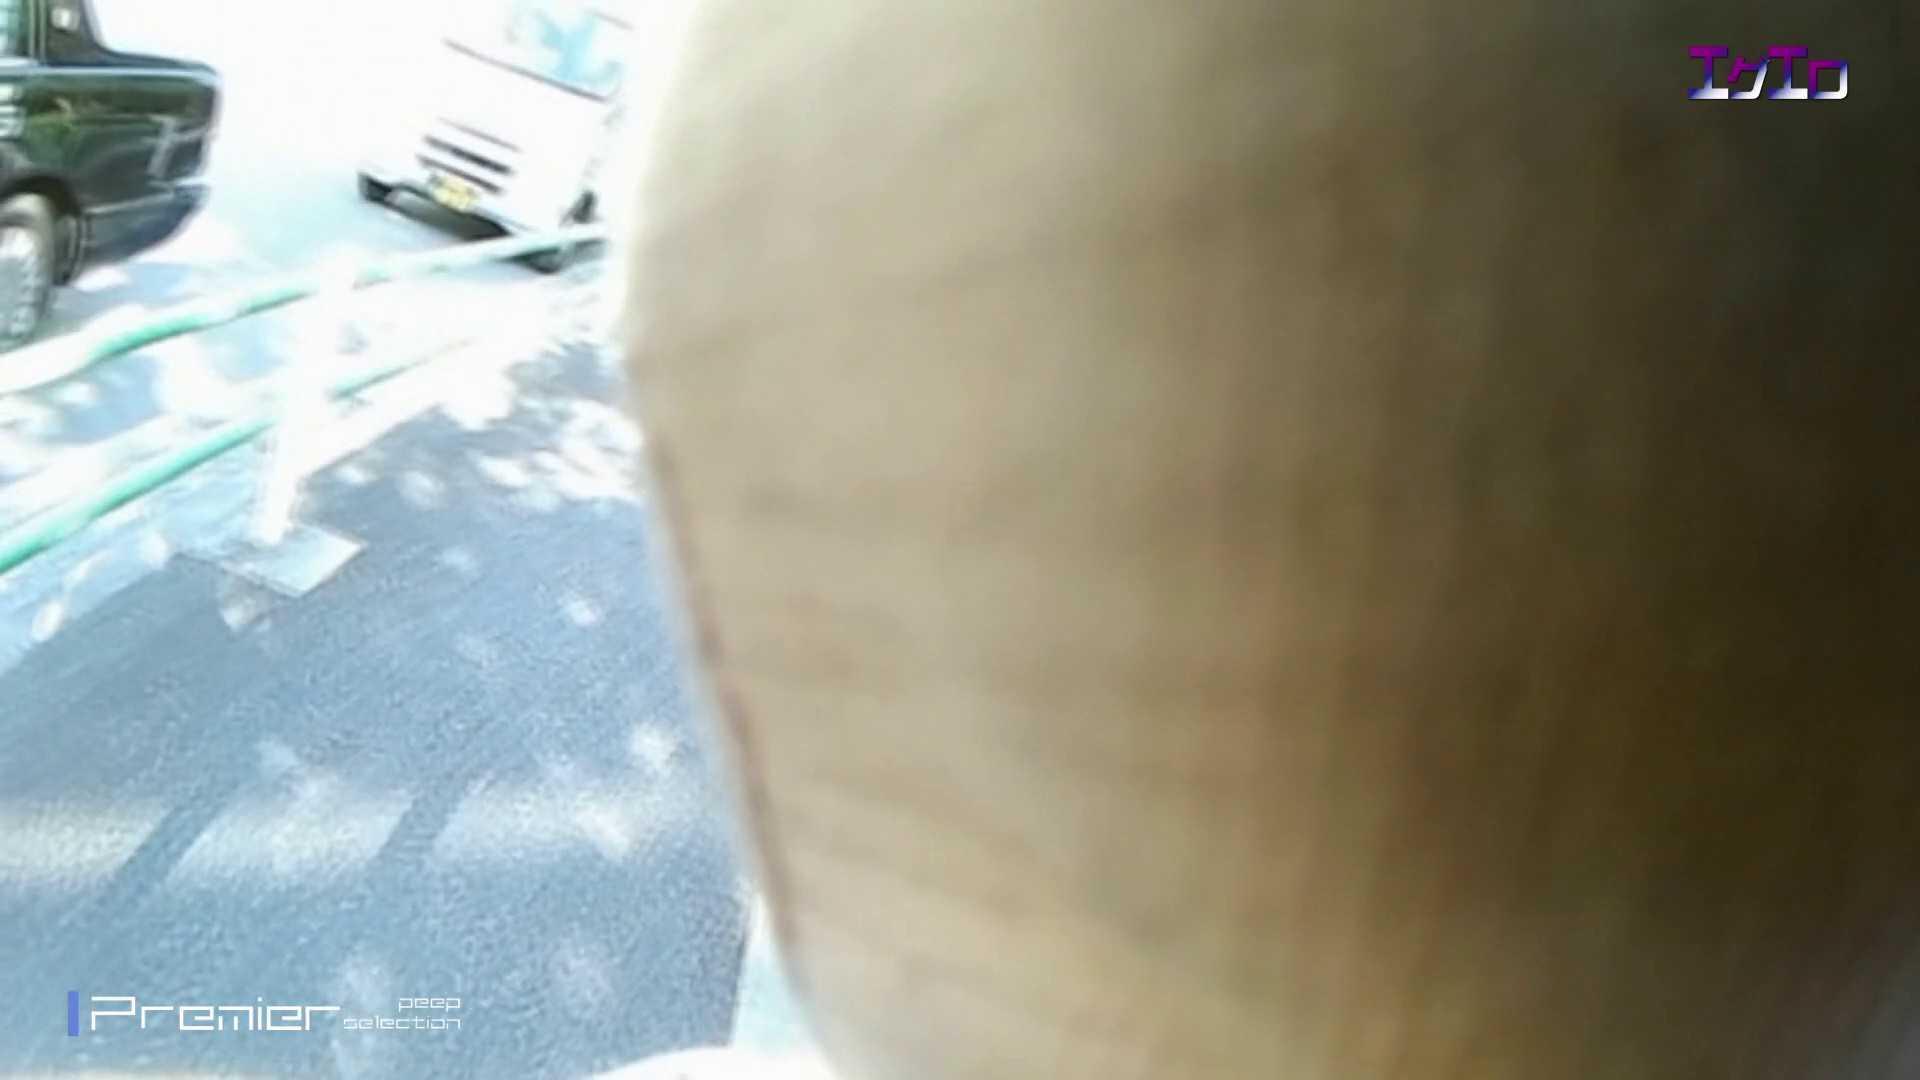 執念の撮影&追撮!!某女子校の通学路にあるトイレ 至近距離洗面所 Vol.16 洗面所  58pic 54